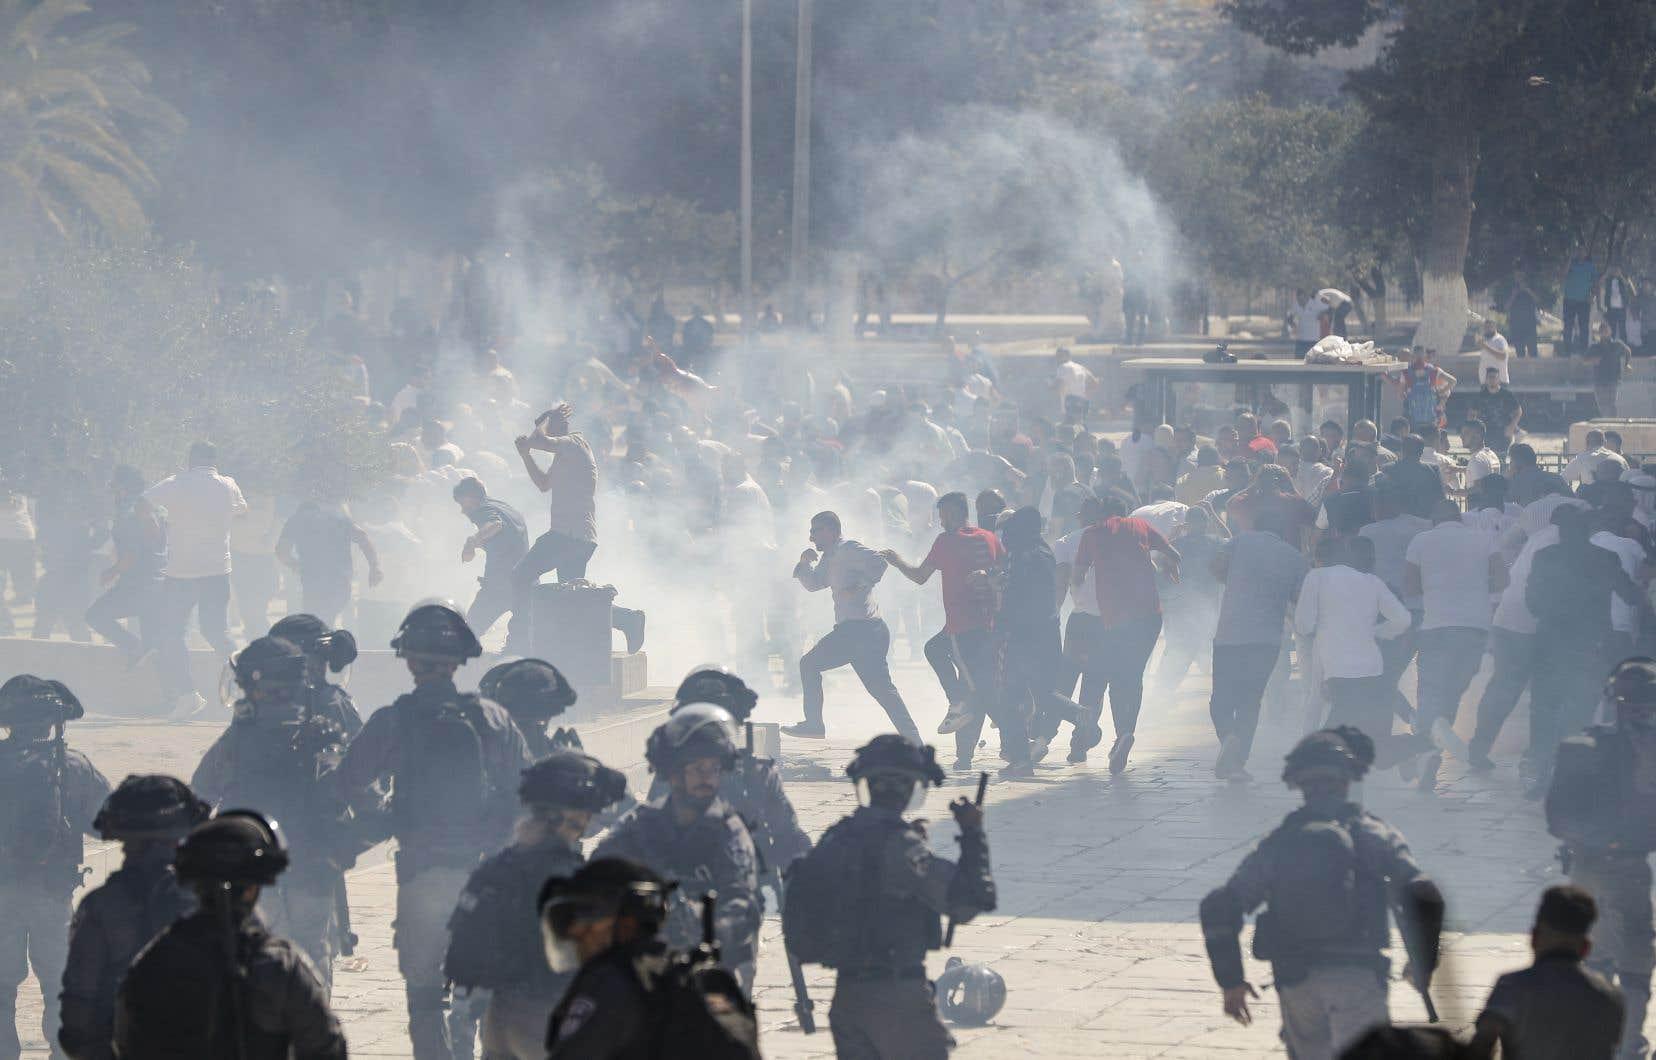 Le 11août, des affrontements étaient survenus à proximité de la mosquée Al-Aqsa, située sur l'Esplanade, entre des fidèles et des policiers israéliens.